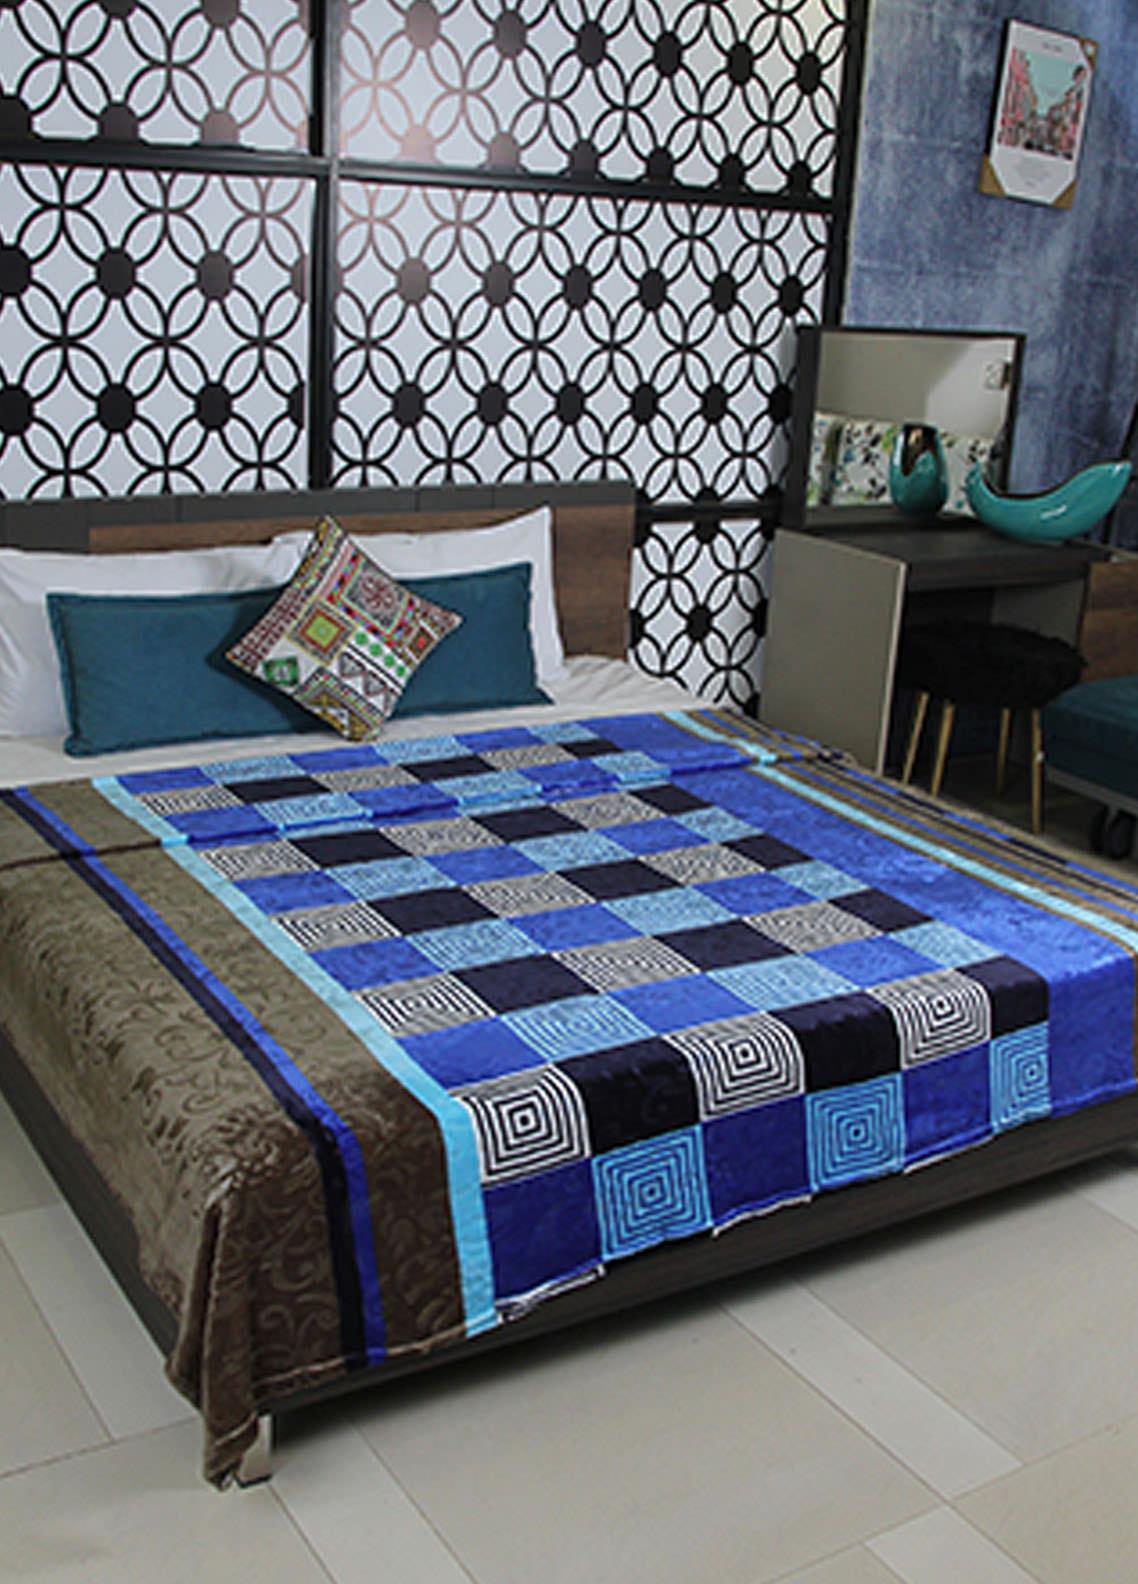 Plush Mink Double Bed Supreme Soft Finish Blankets 2 Ply Supremo-SMV225 - Home & Decor